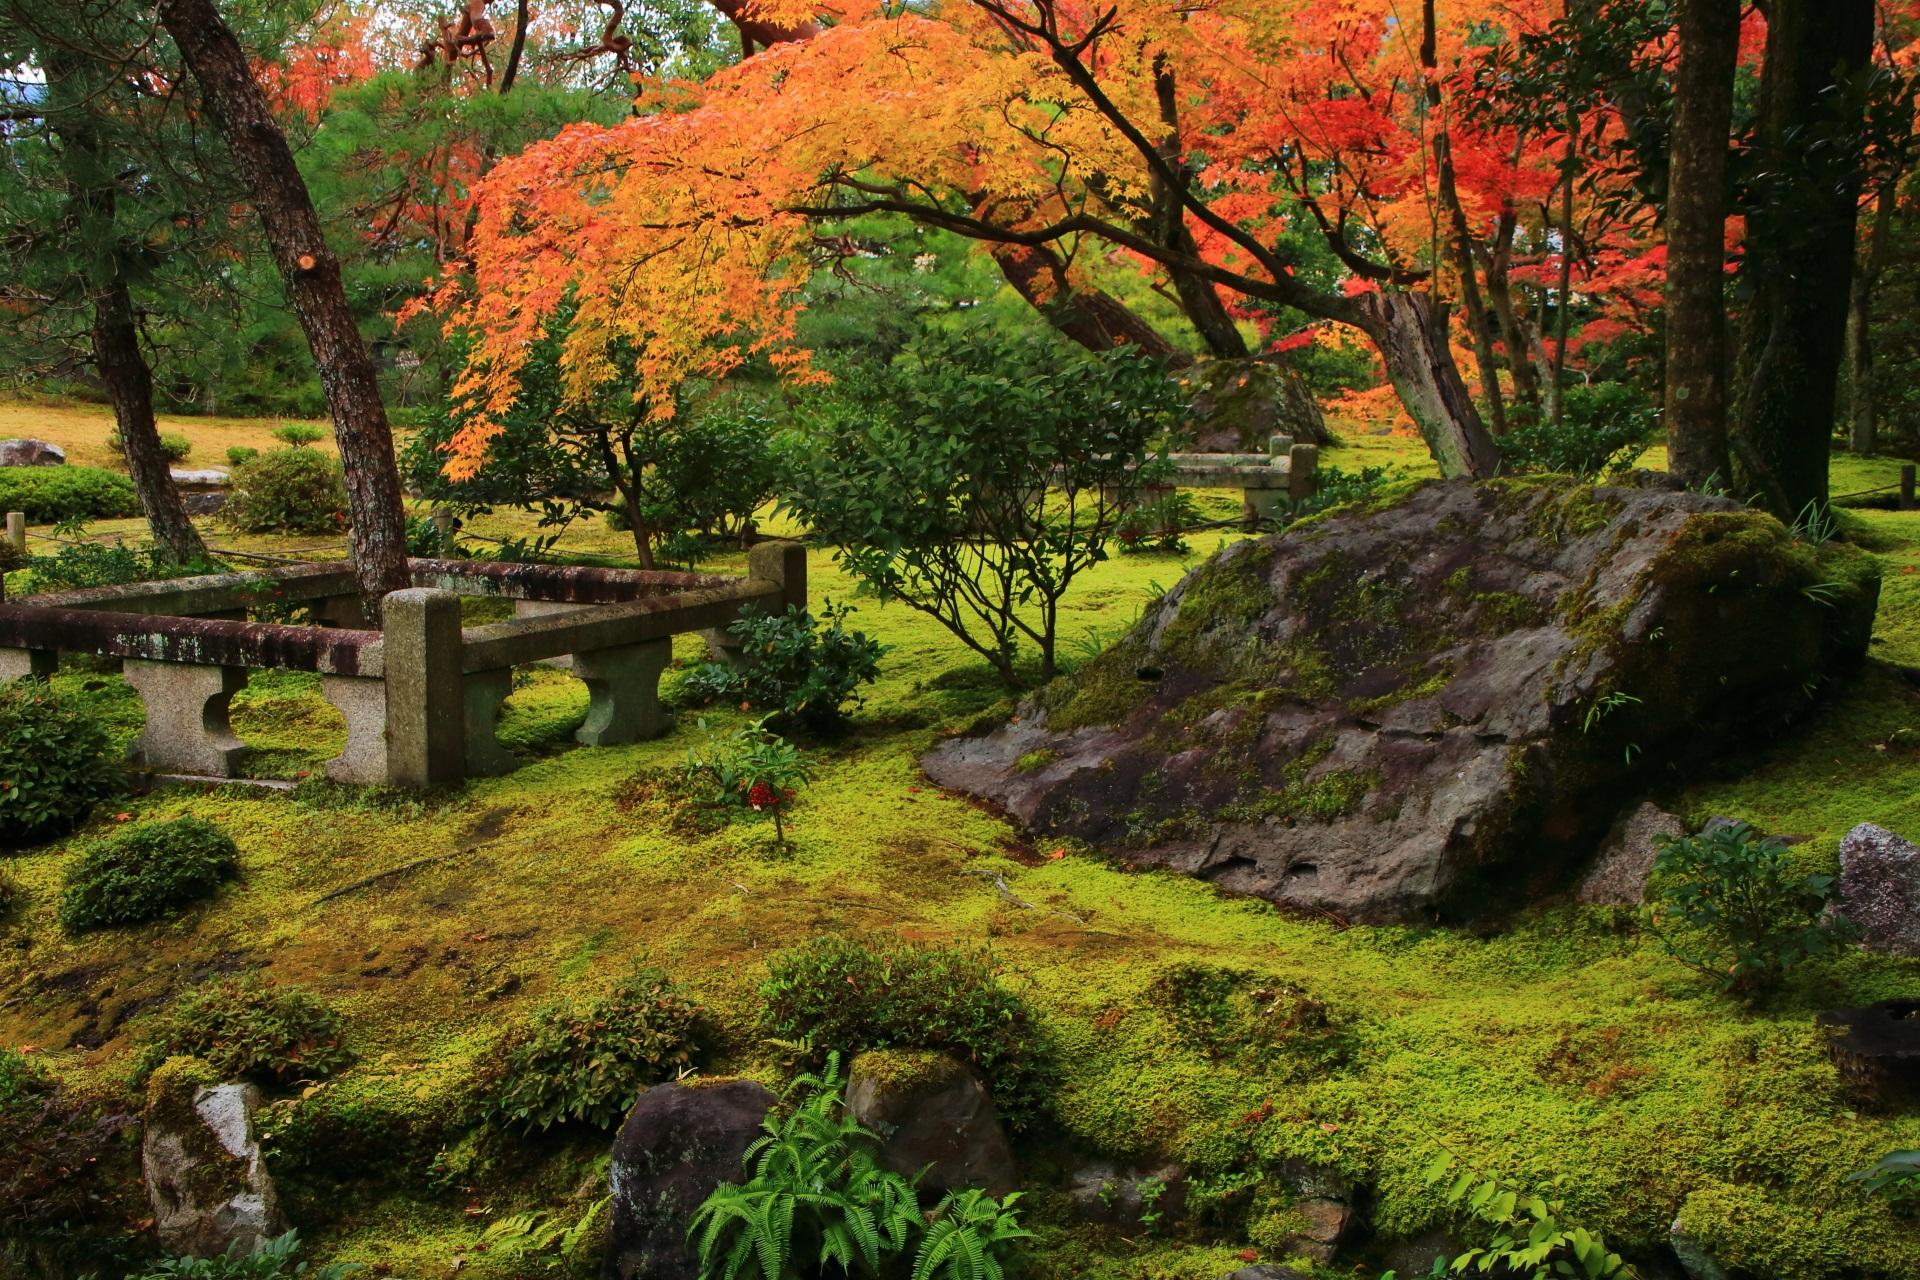 美しい苔や岩なども演出する無鄰菴の風情ある紅葉と庭園